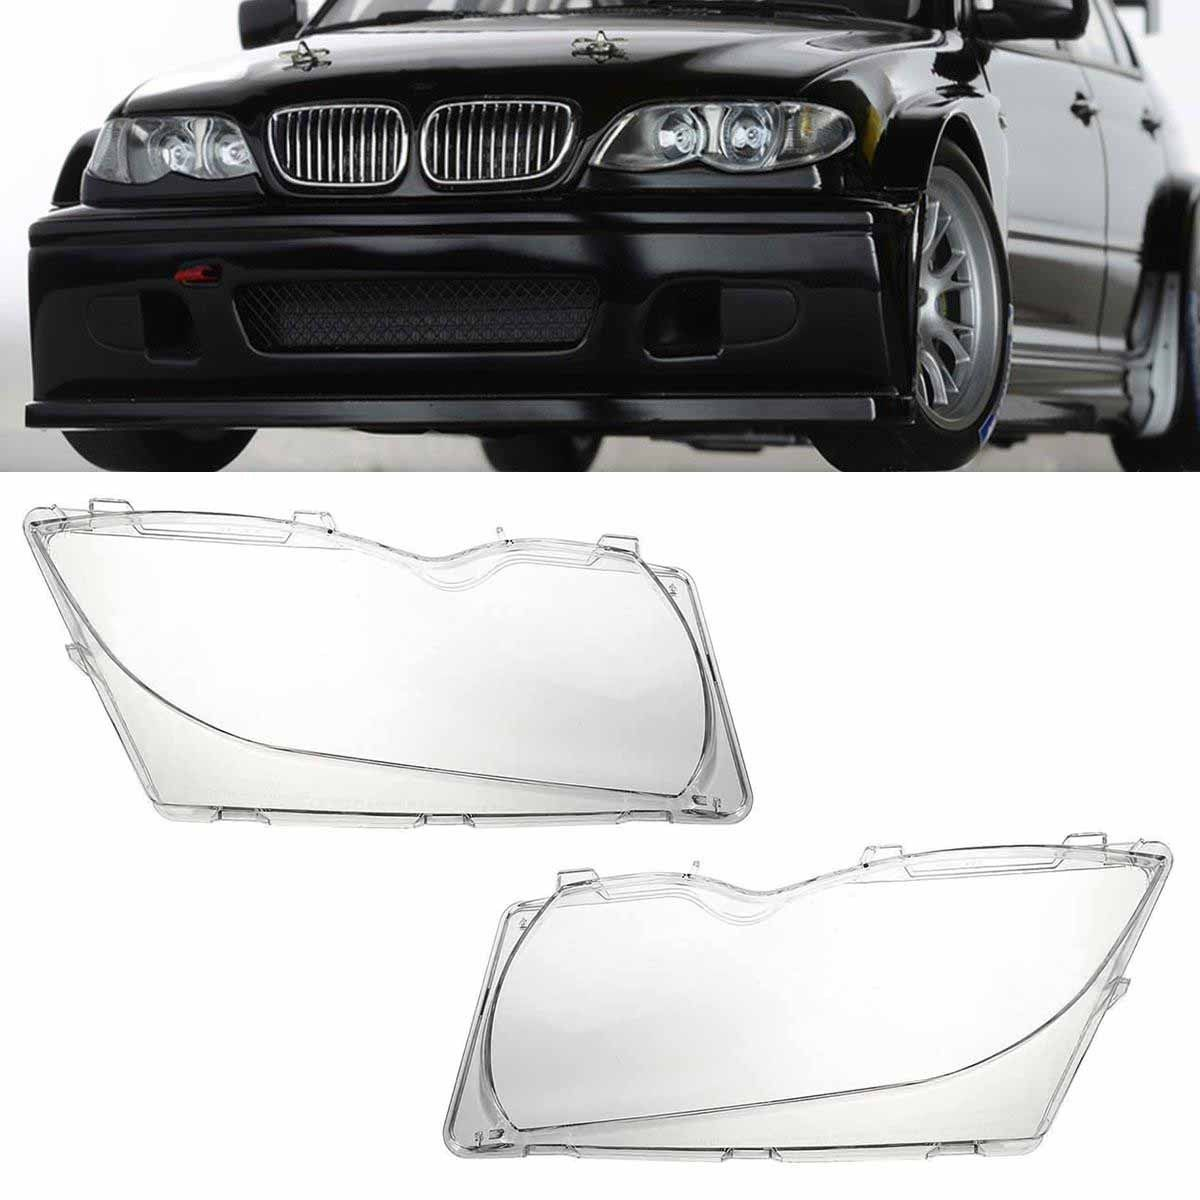 พลาสติกครอบเลนส์ไฟหน้า ฝาครอบไฟหน้า ไฟหน้ารถยนต์ เลนส์โคมไฟหน้า BMW E46 ไฟยก